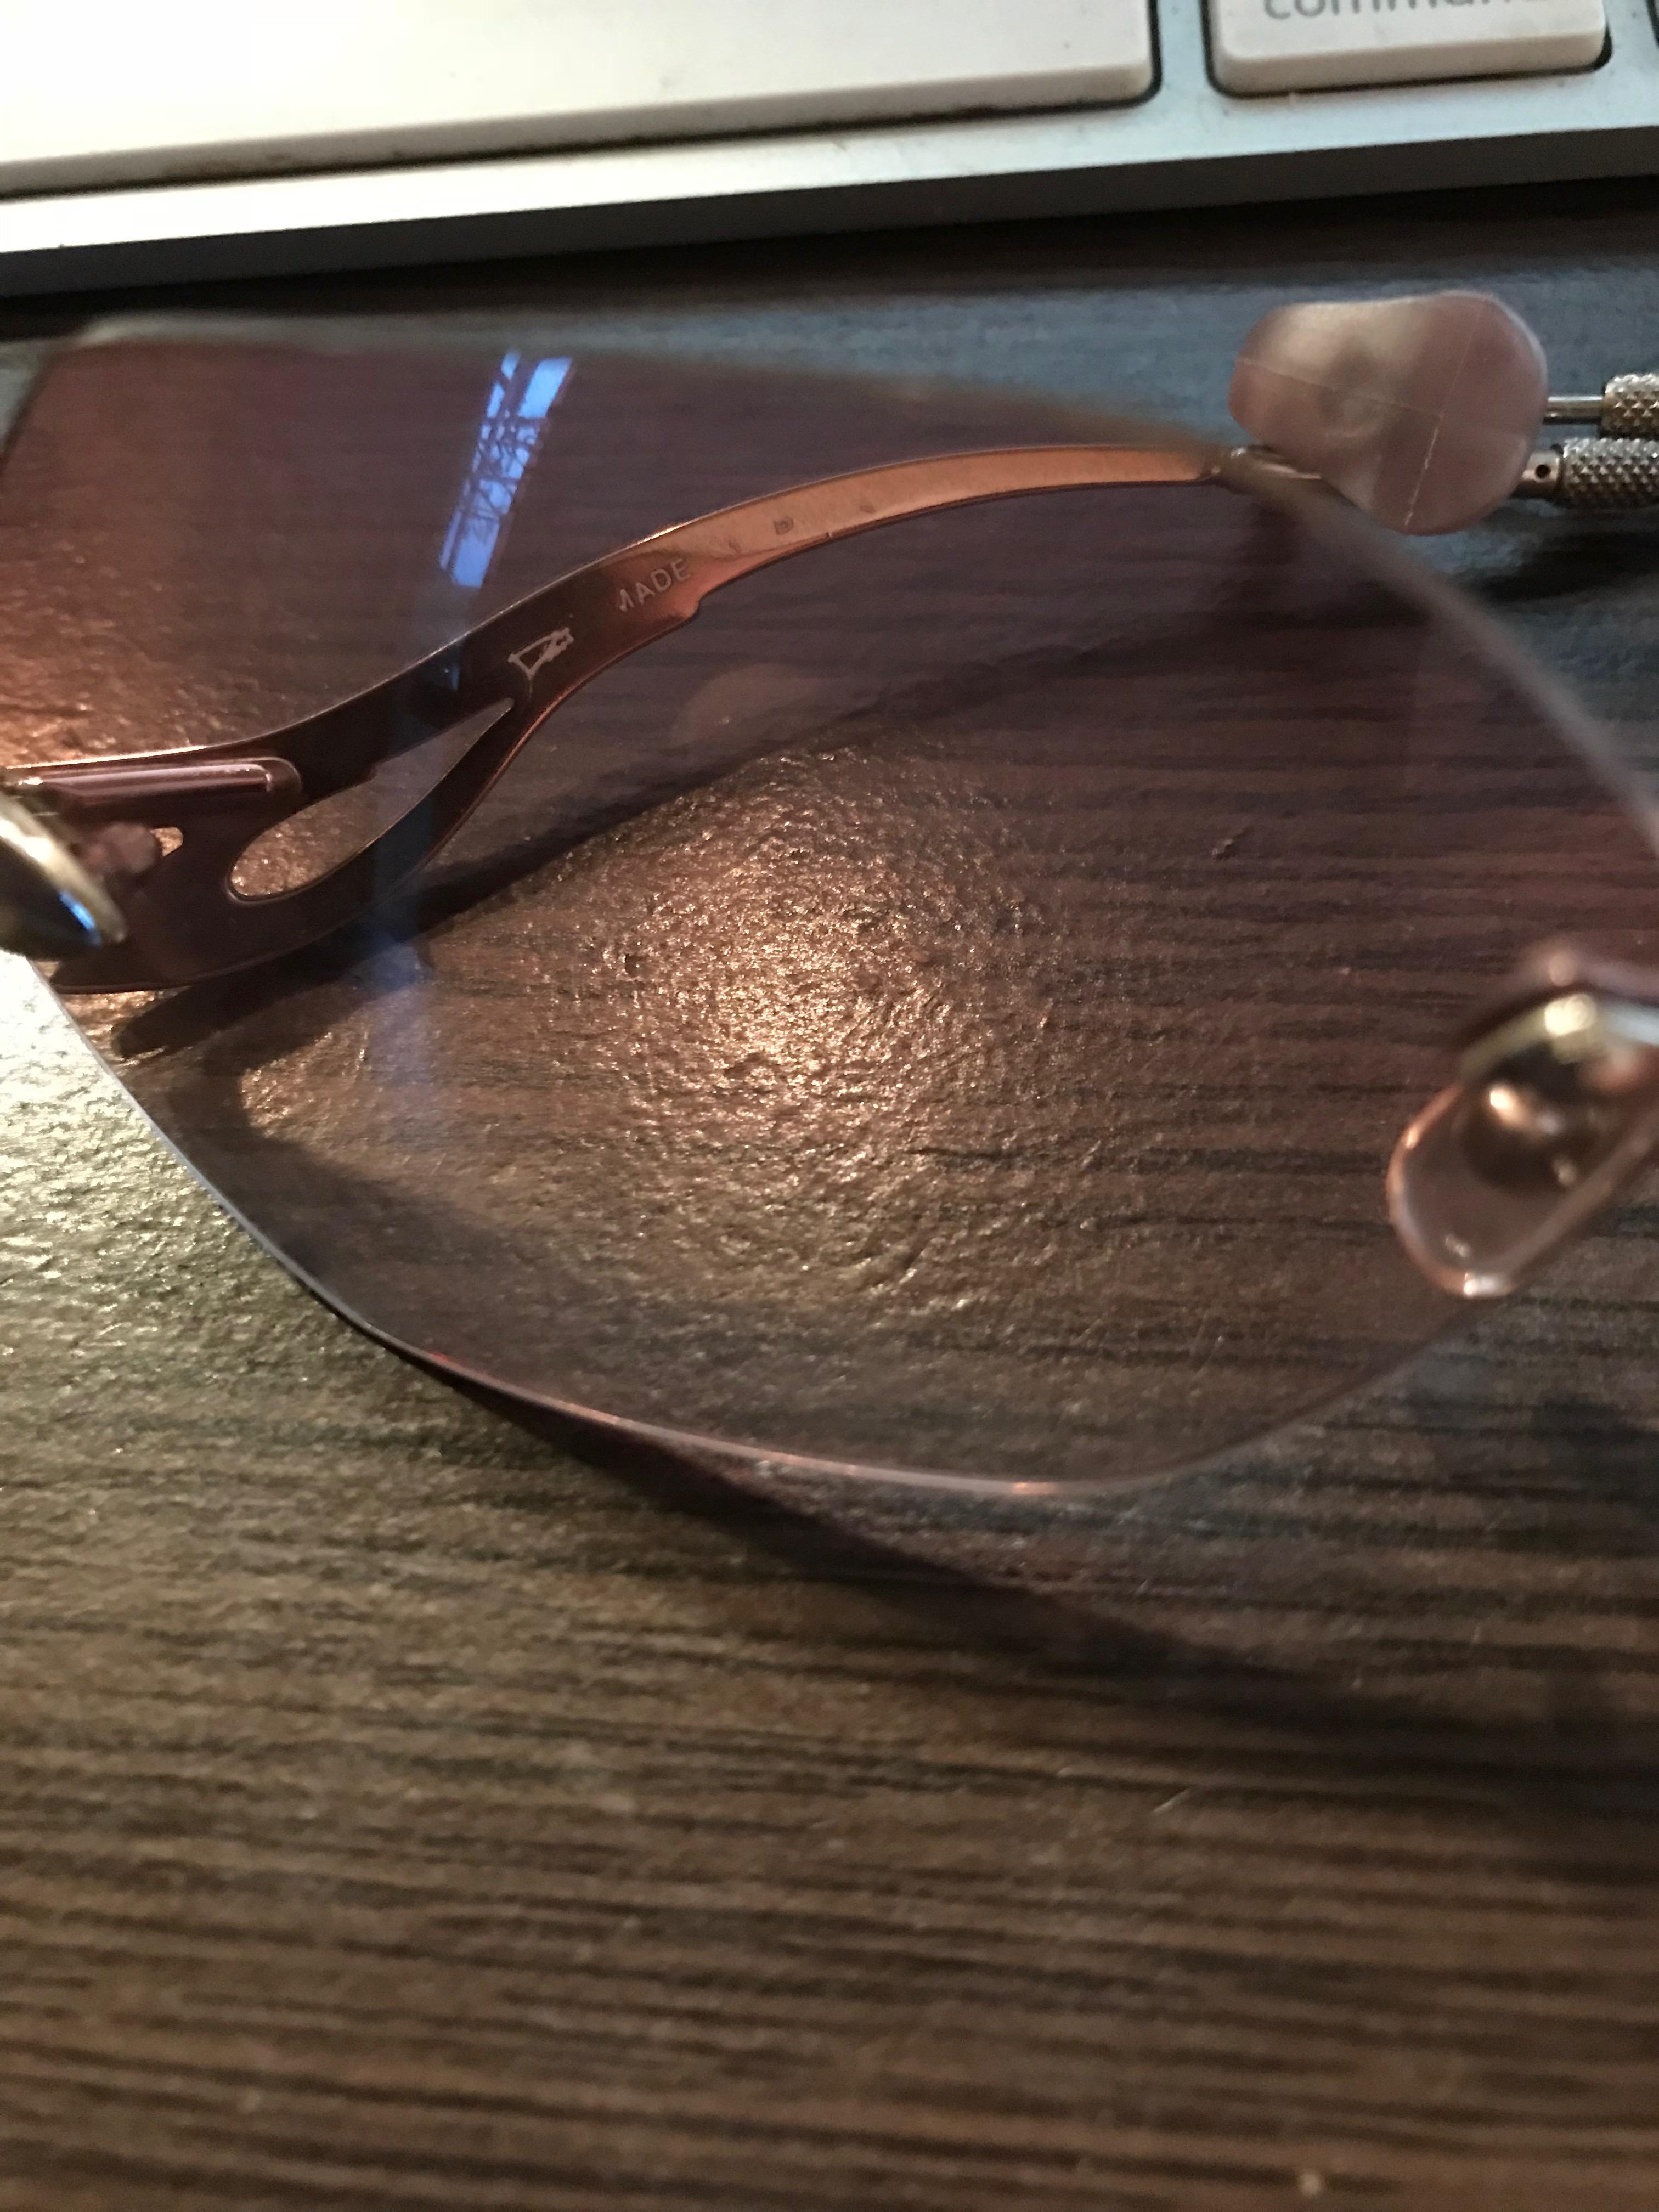 ブルーライトはサングラスでカットできる?効果があれば格安で目を守れる